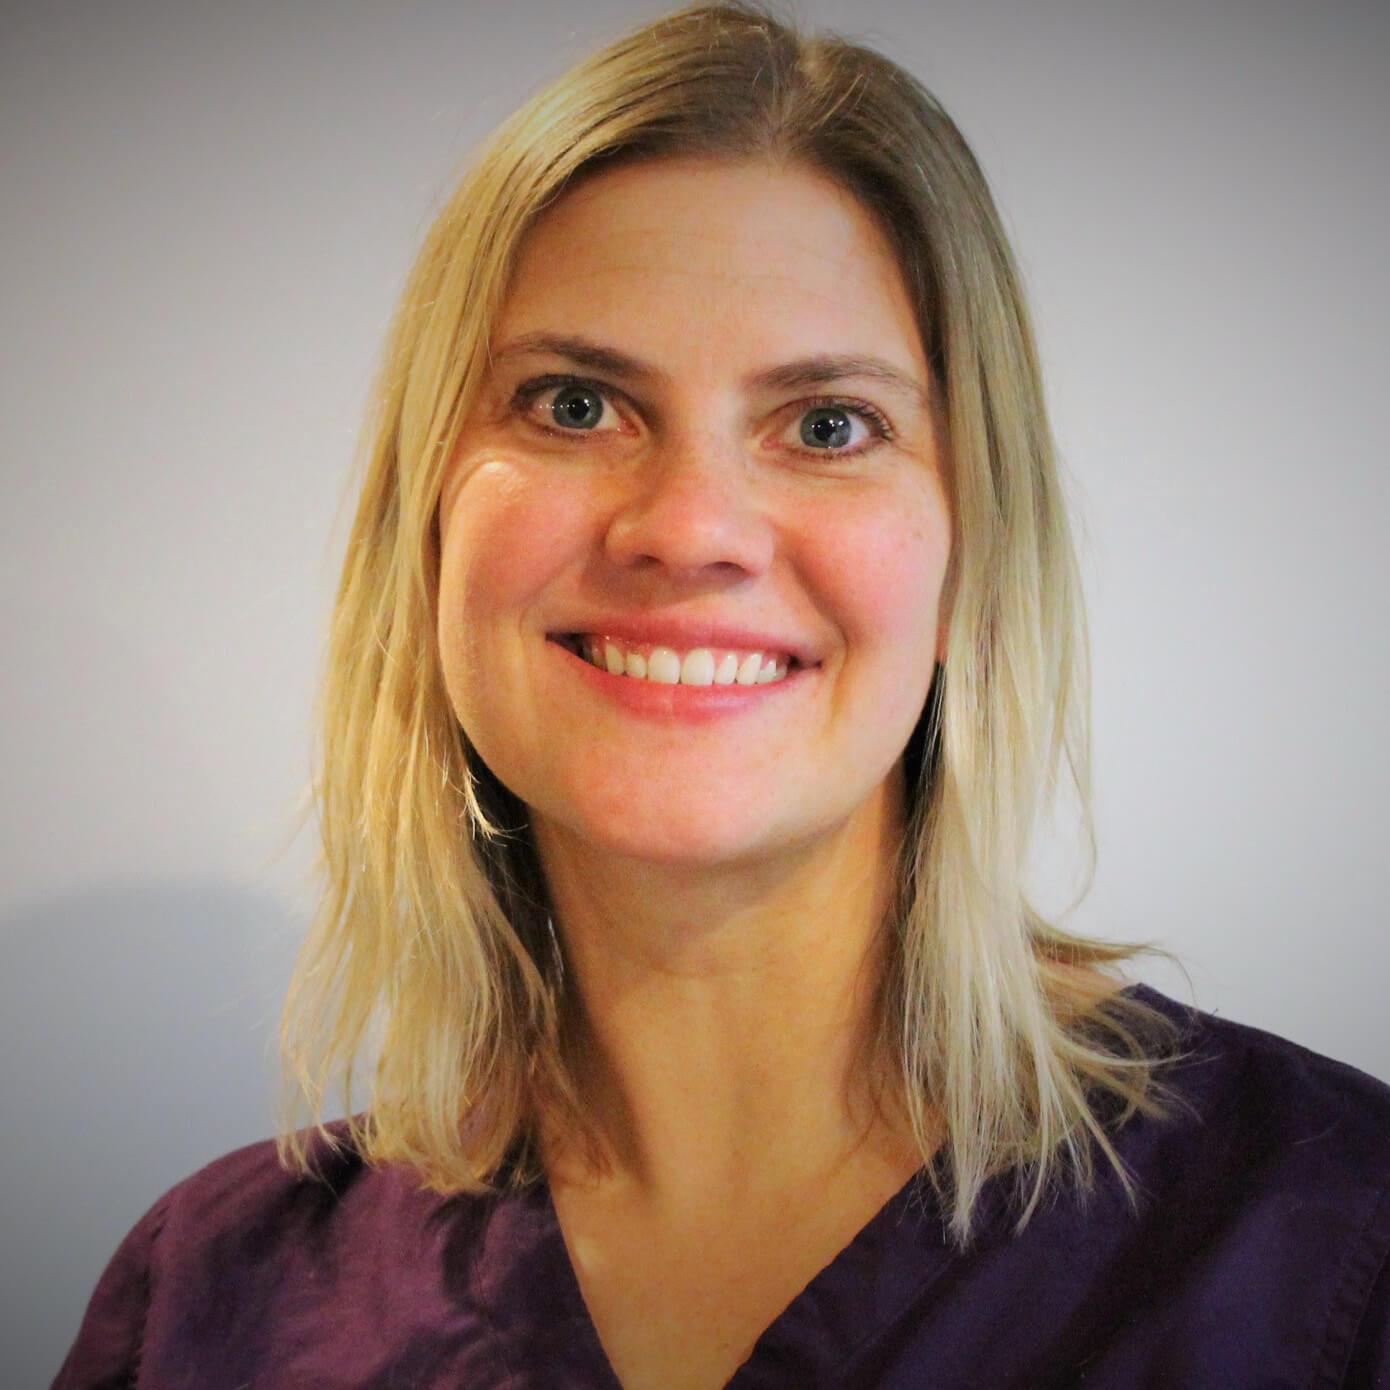 Ann Marie V. CVT